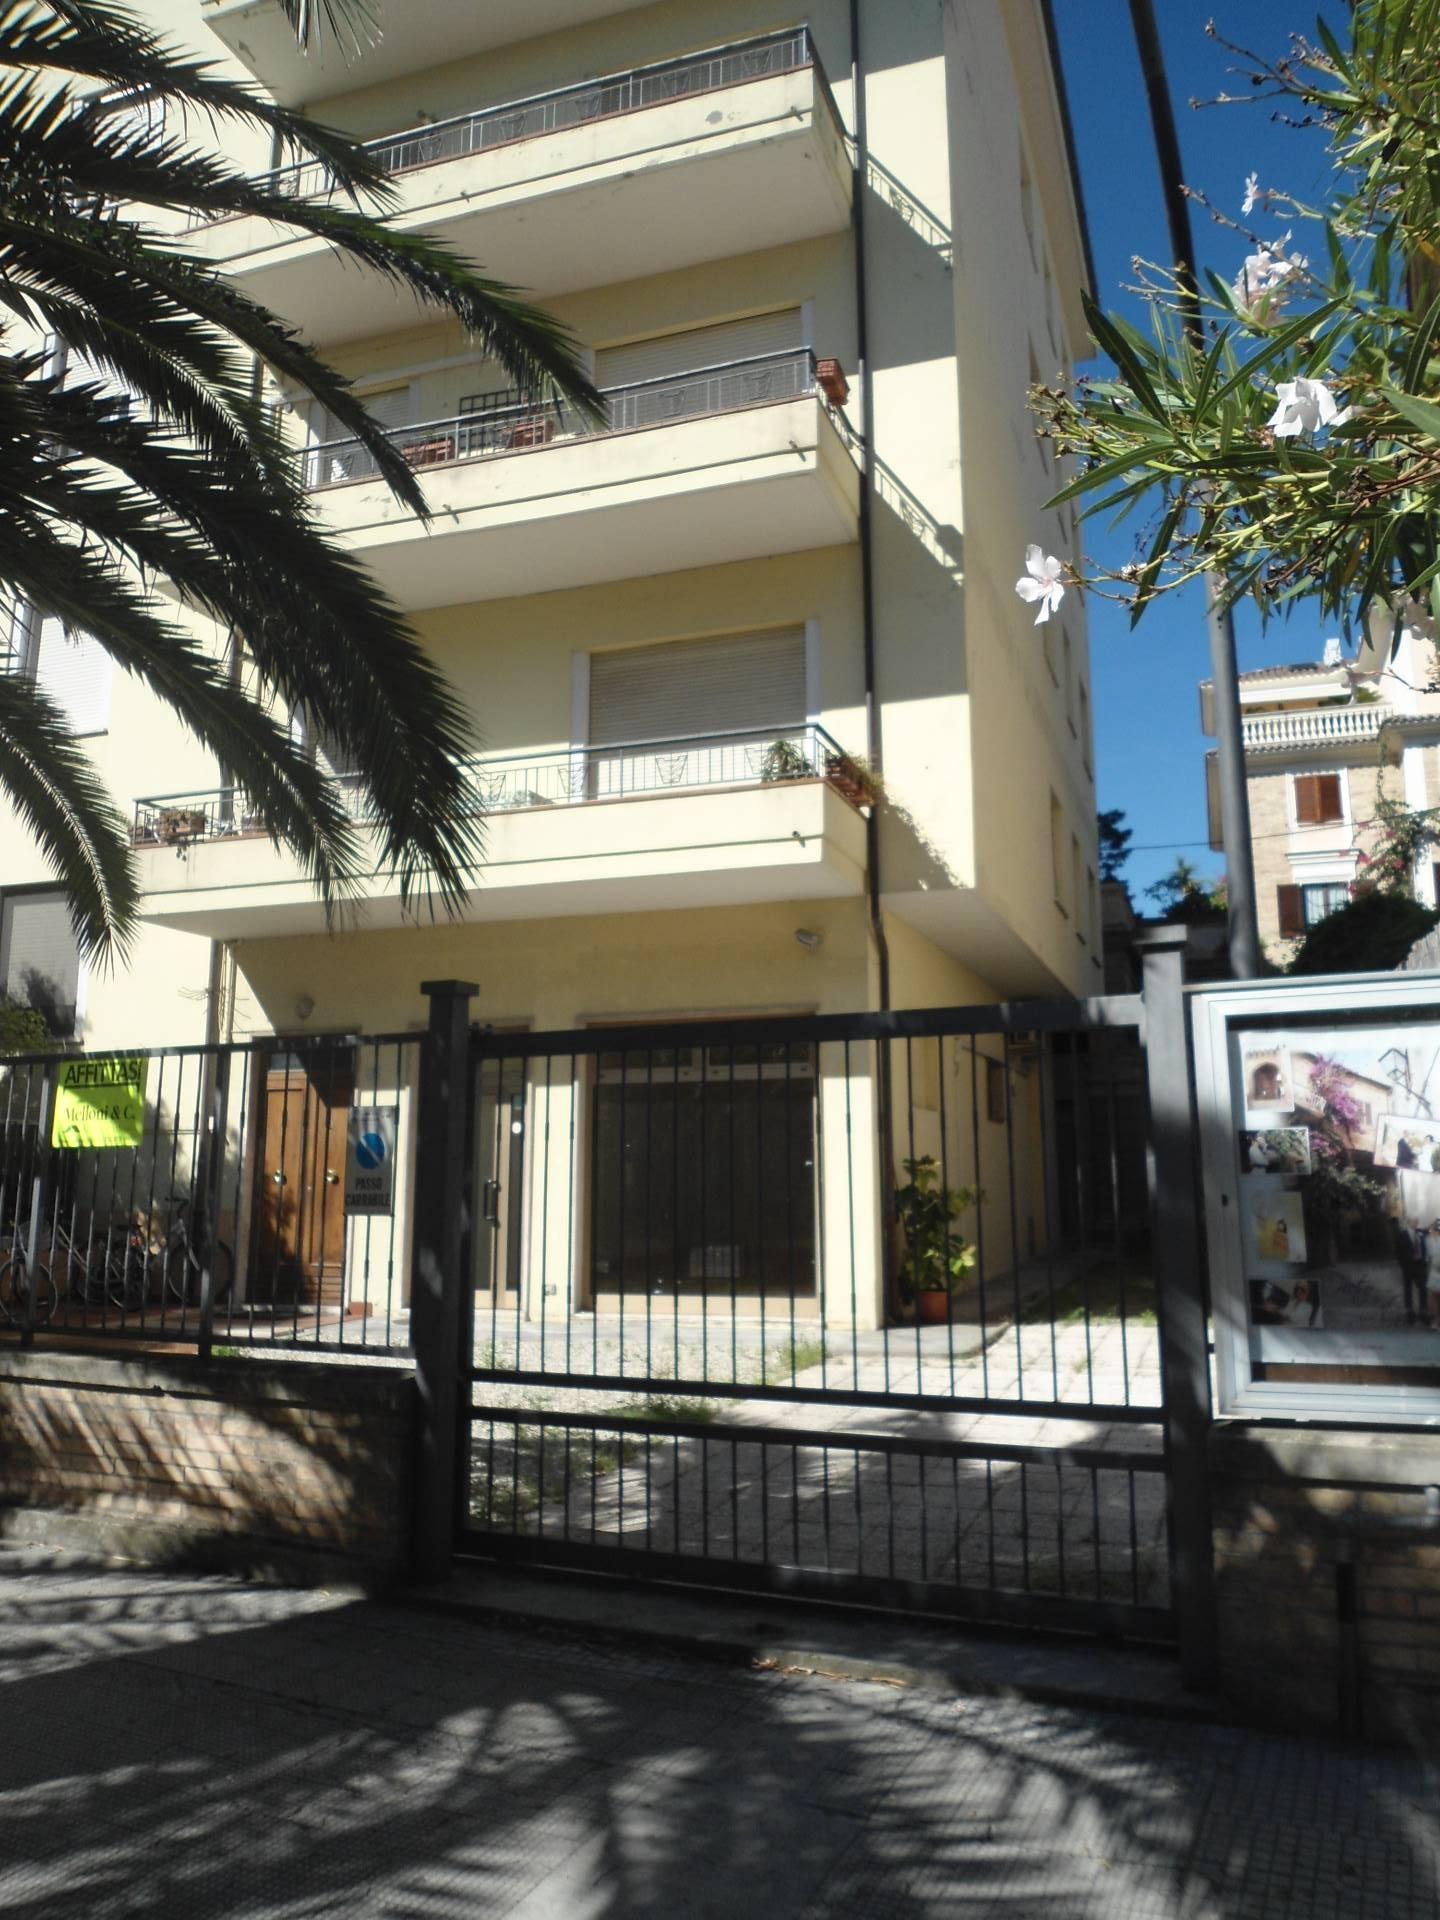 Negozio / Locale in affitto a San Benedetto del Tronto, 9999 locali, prezzo € 2.000 | Cambio Casa.it